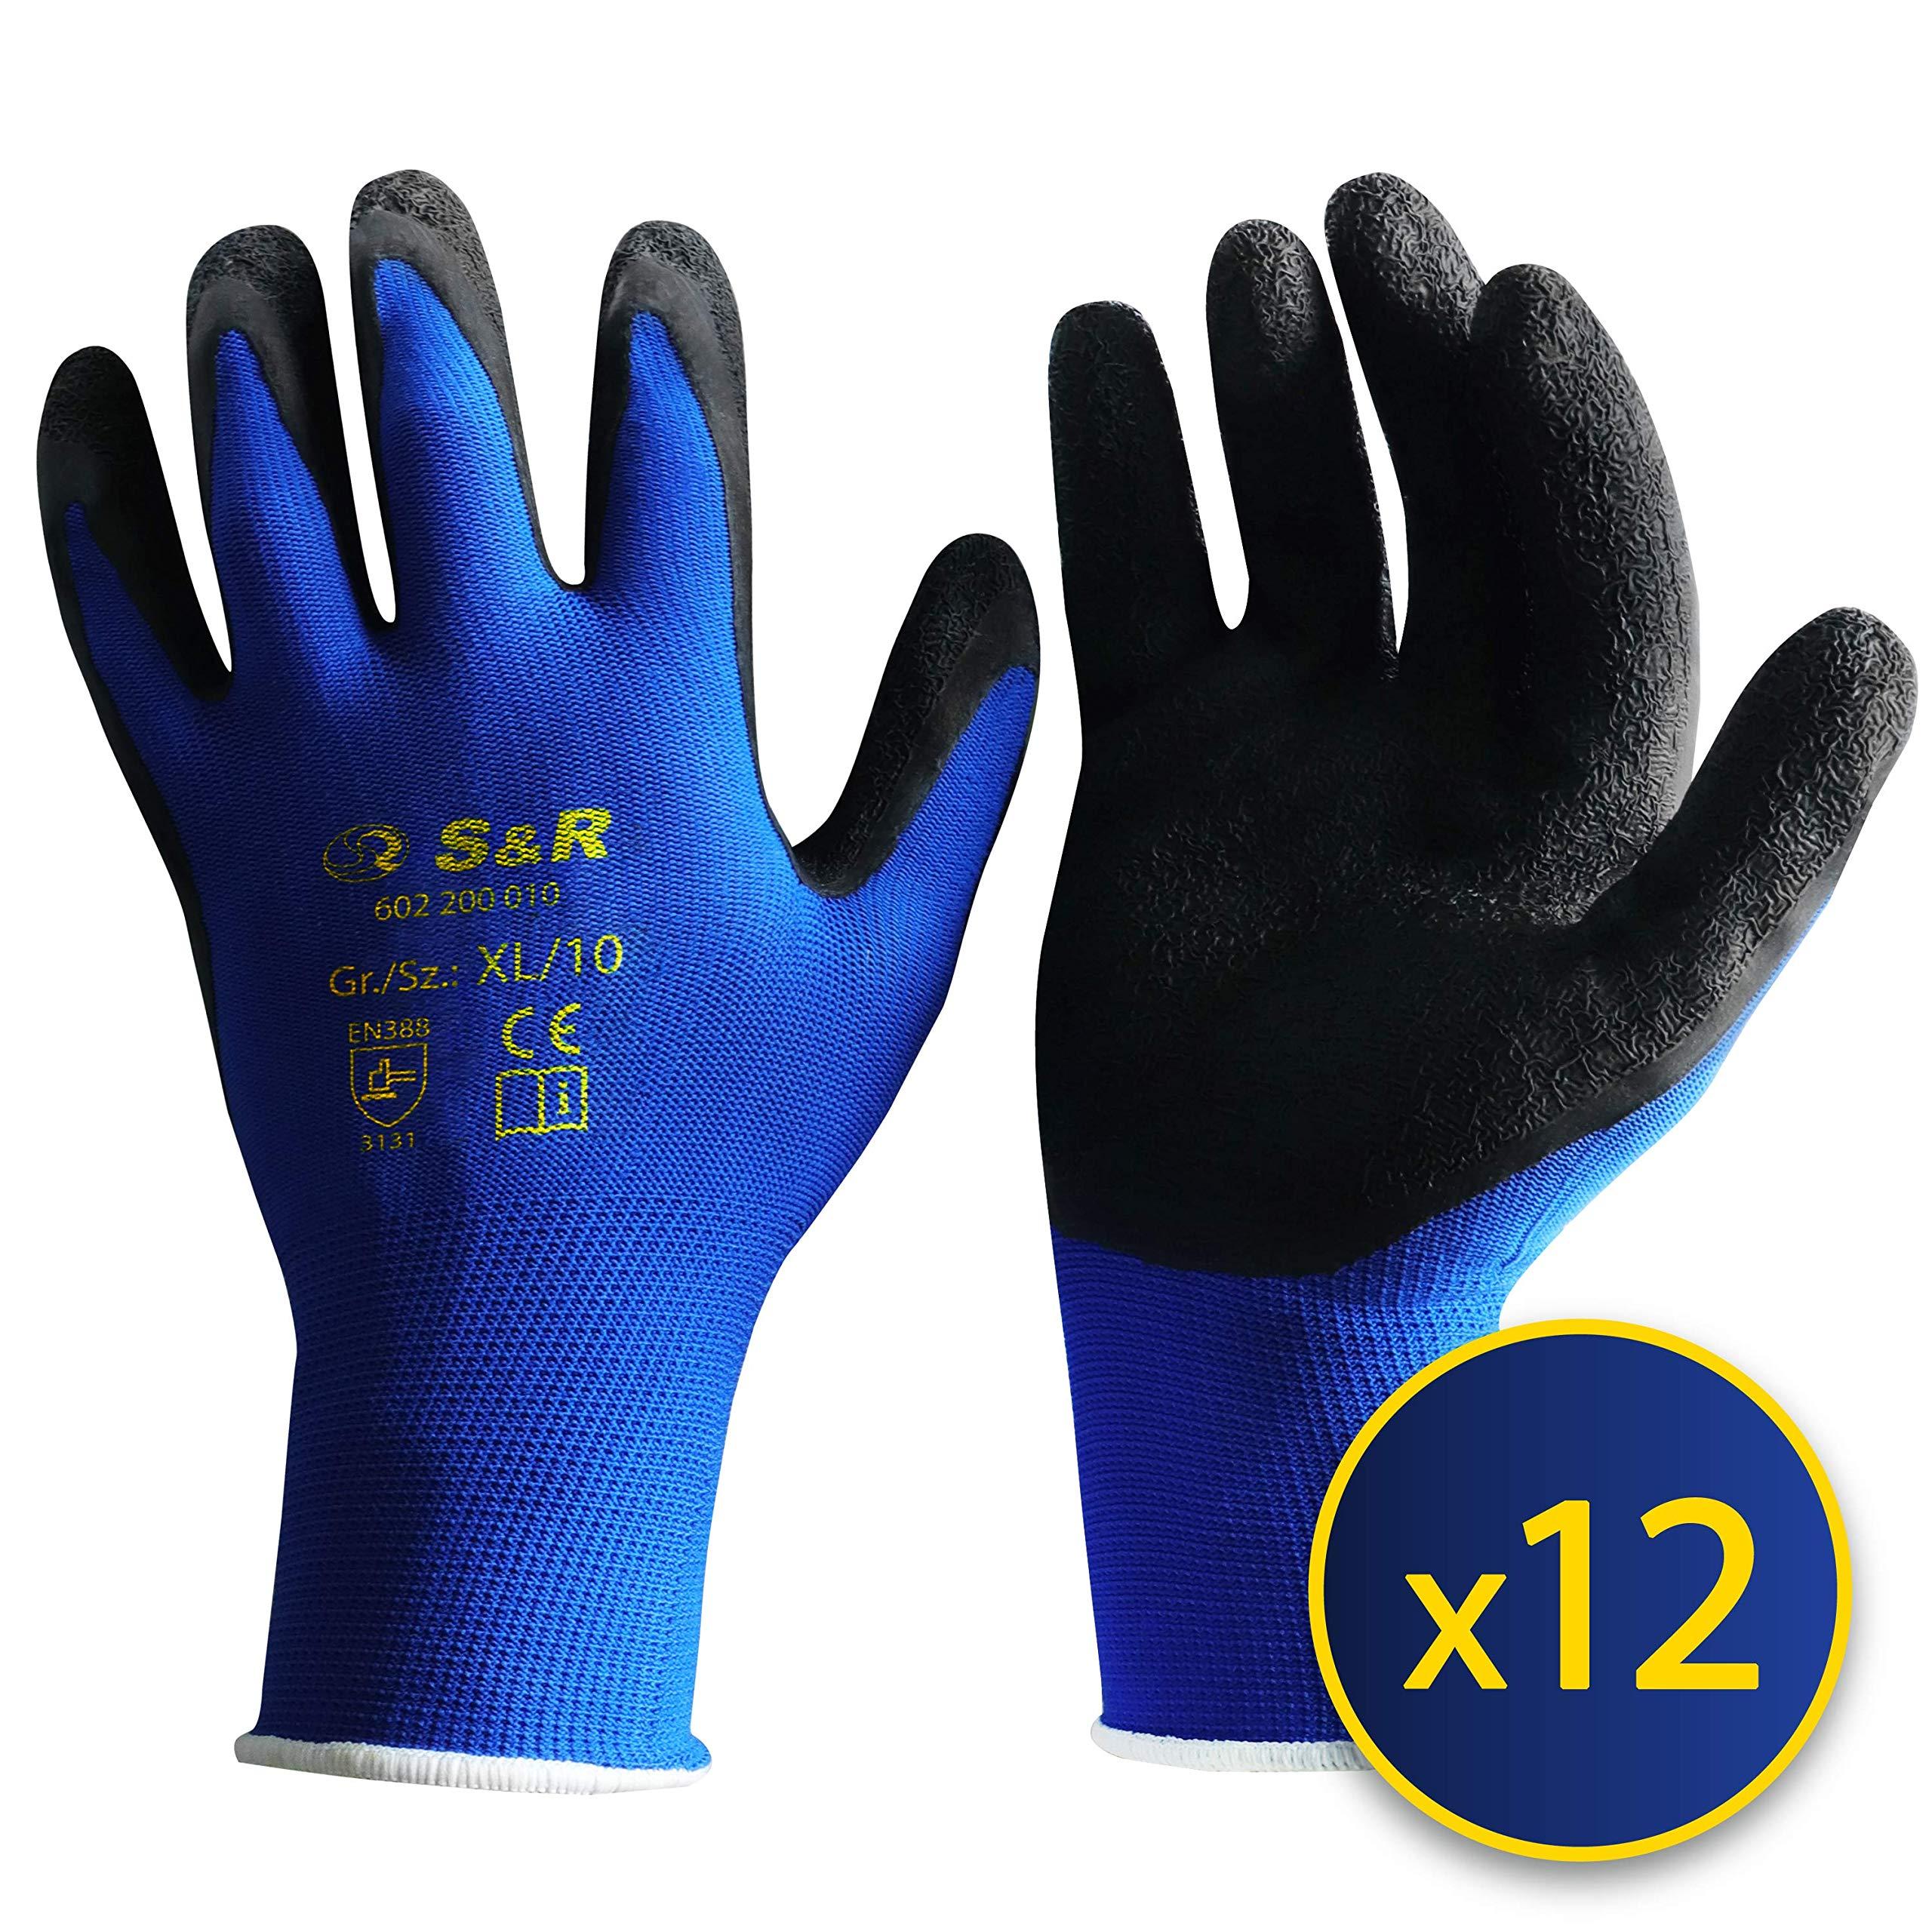 Bauhandschuhe Leder Arbeitshandschuhe Größe 10 Für Garten Wald Bau Hobby Handschuhe